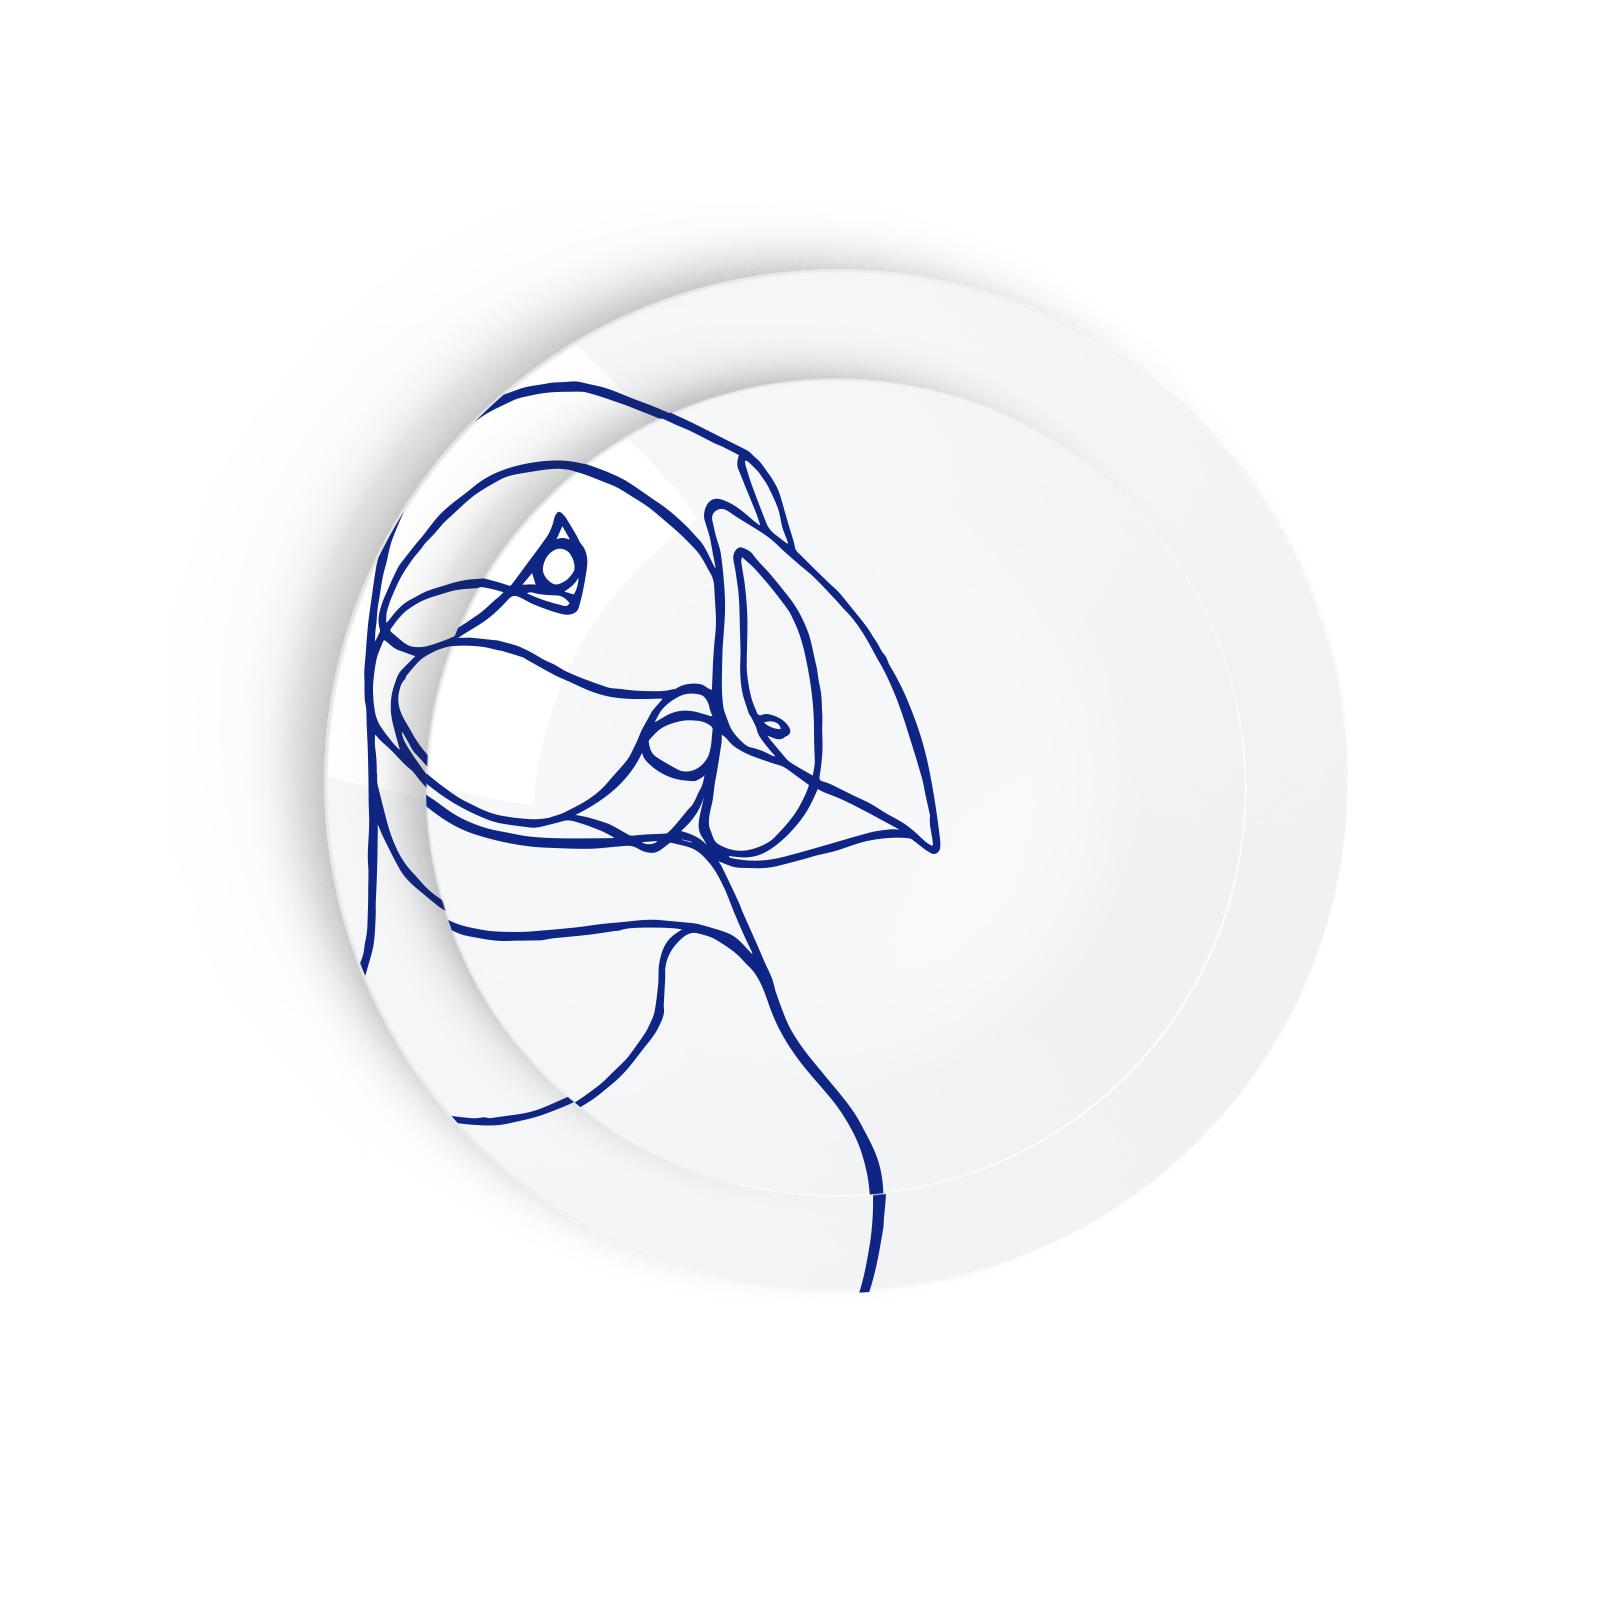 Tes Ted Artic Beasts Puffin - Esprit Porcelaine, Porcelaine De Limoges